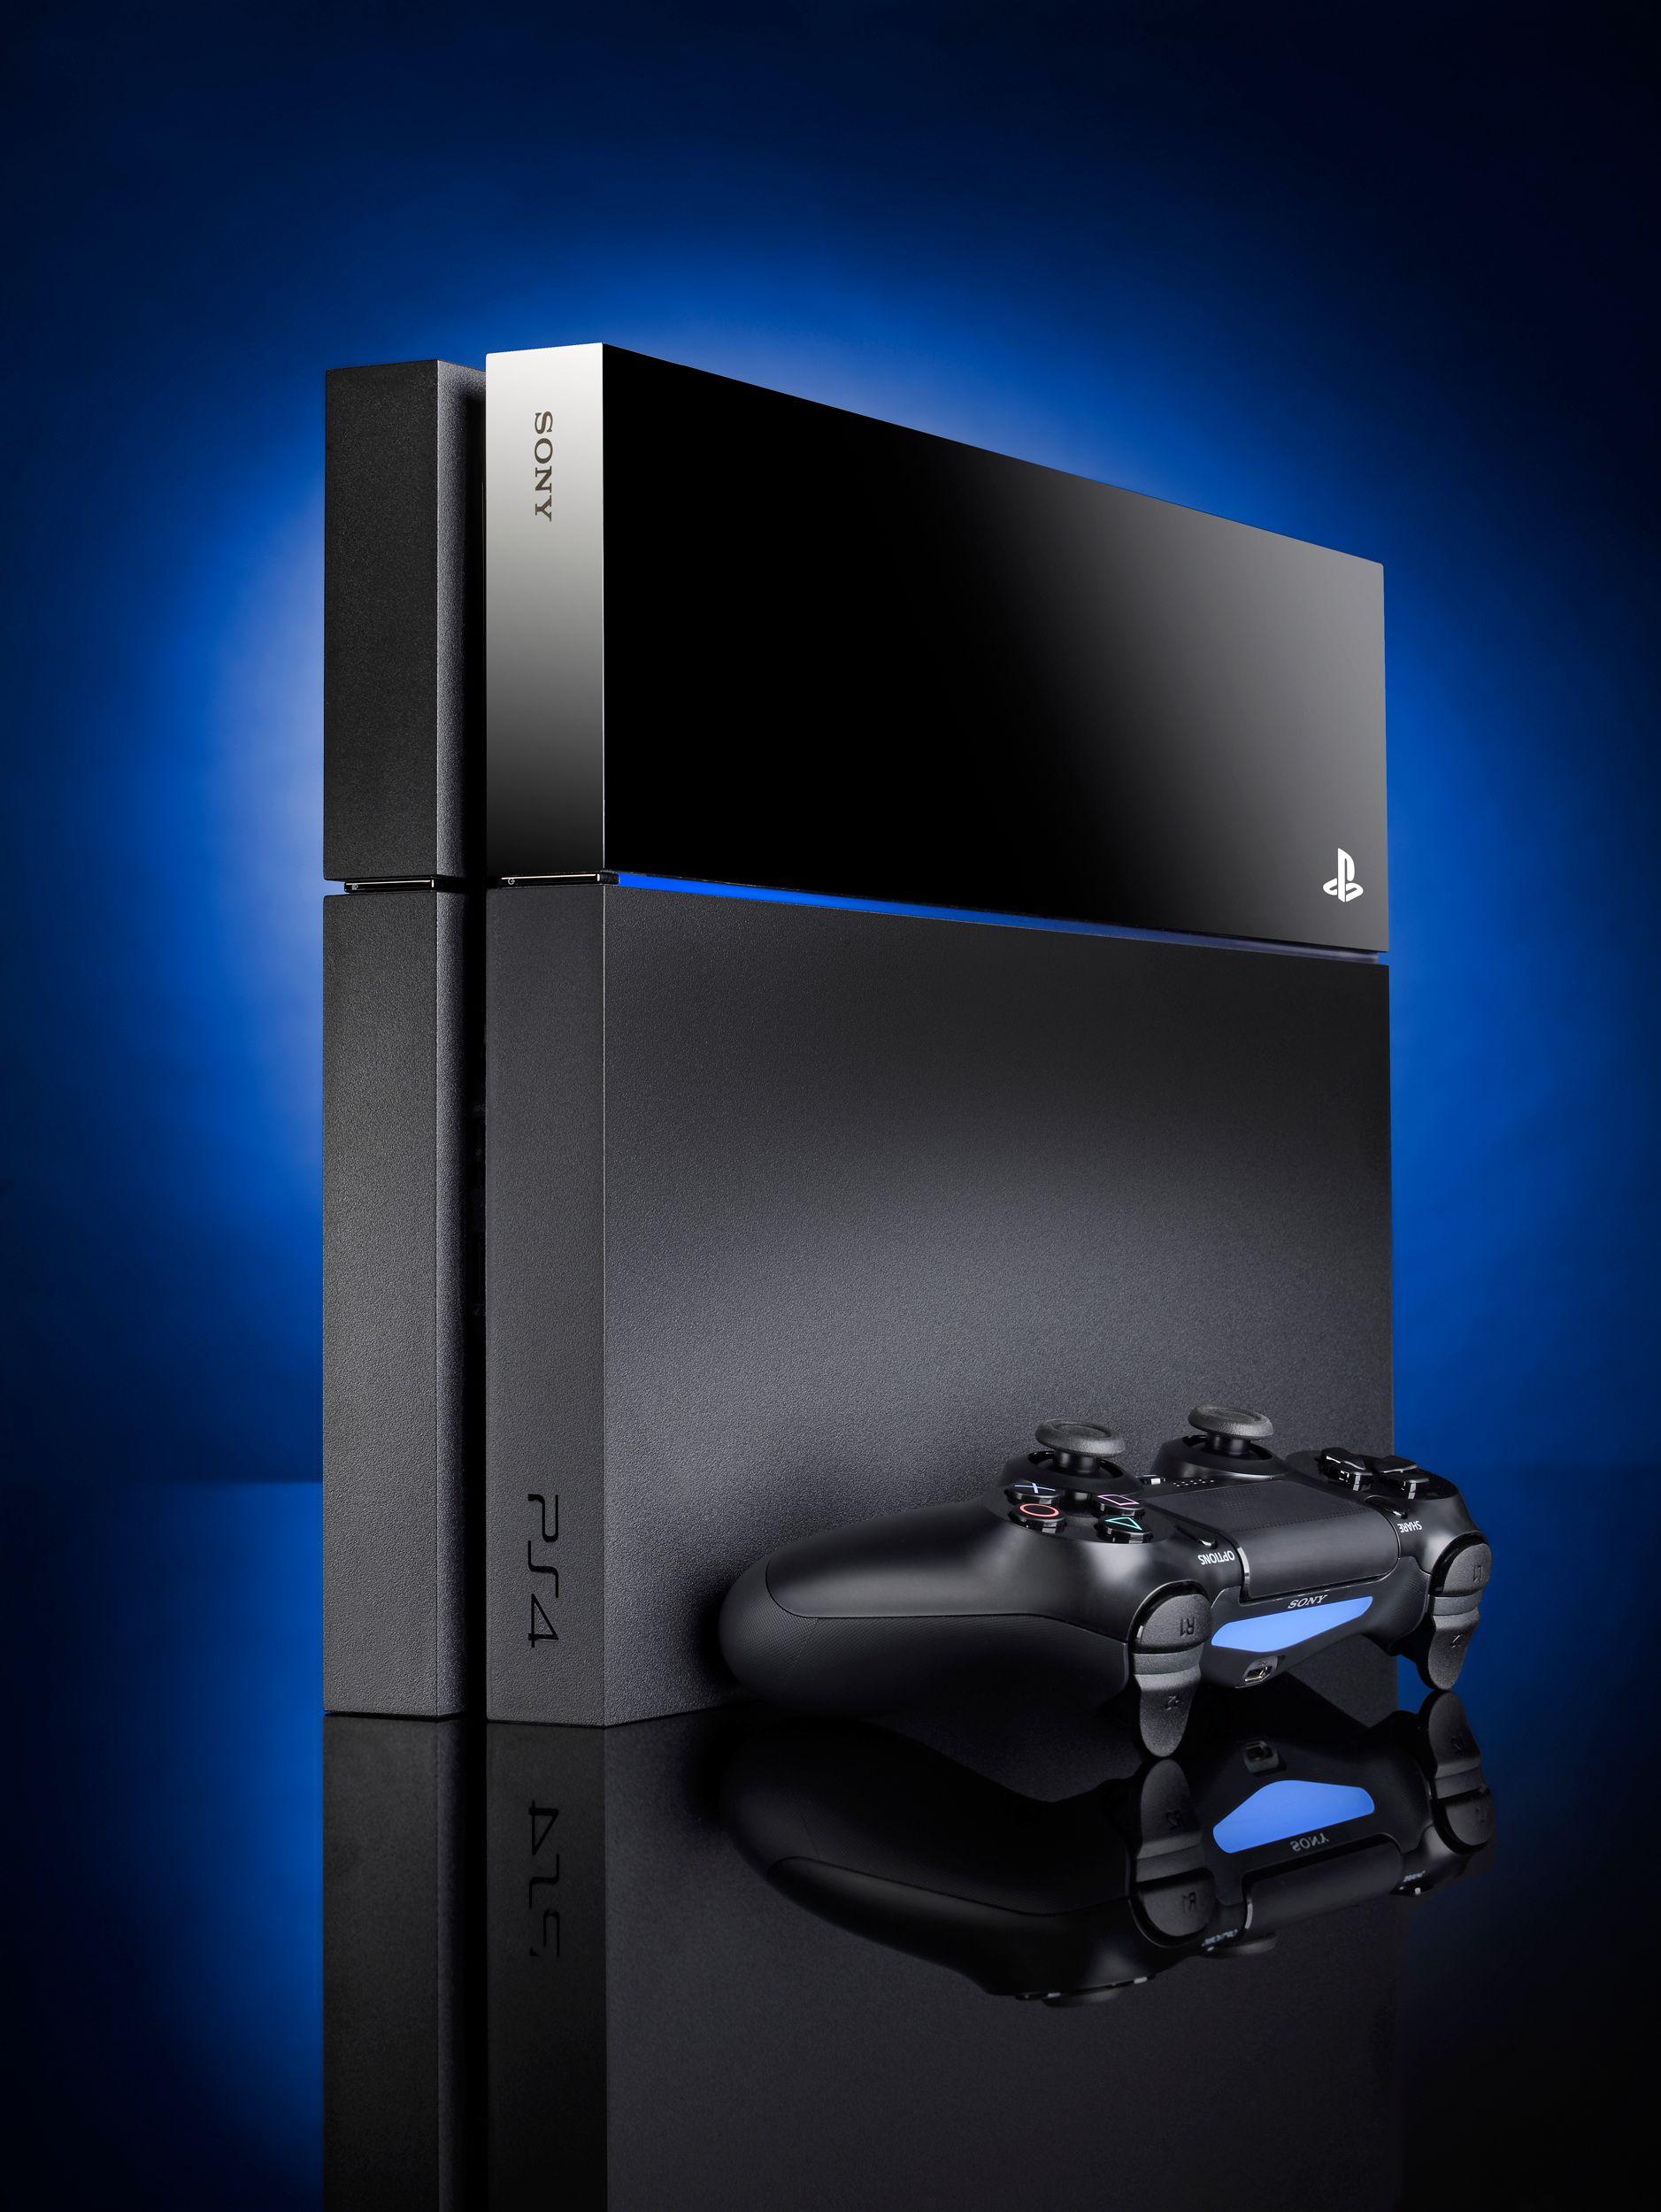 Sony-043835B.jpg